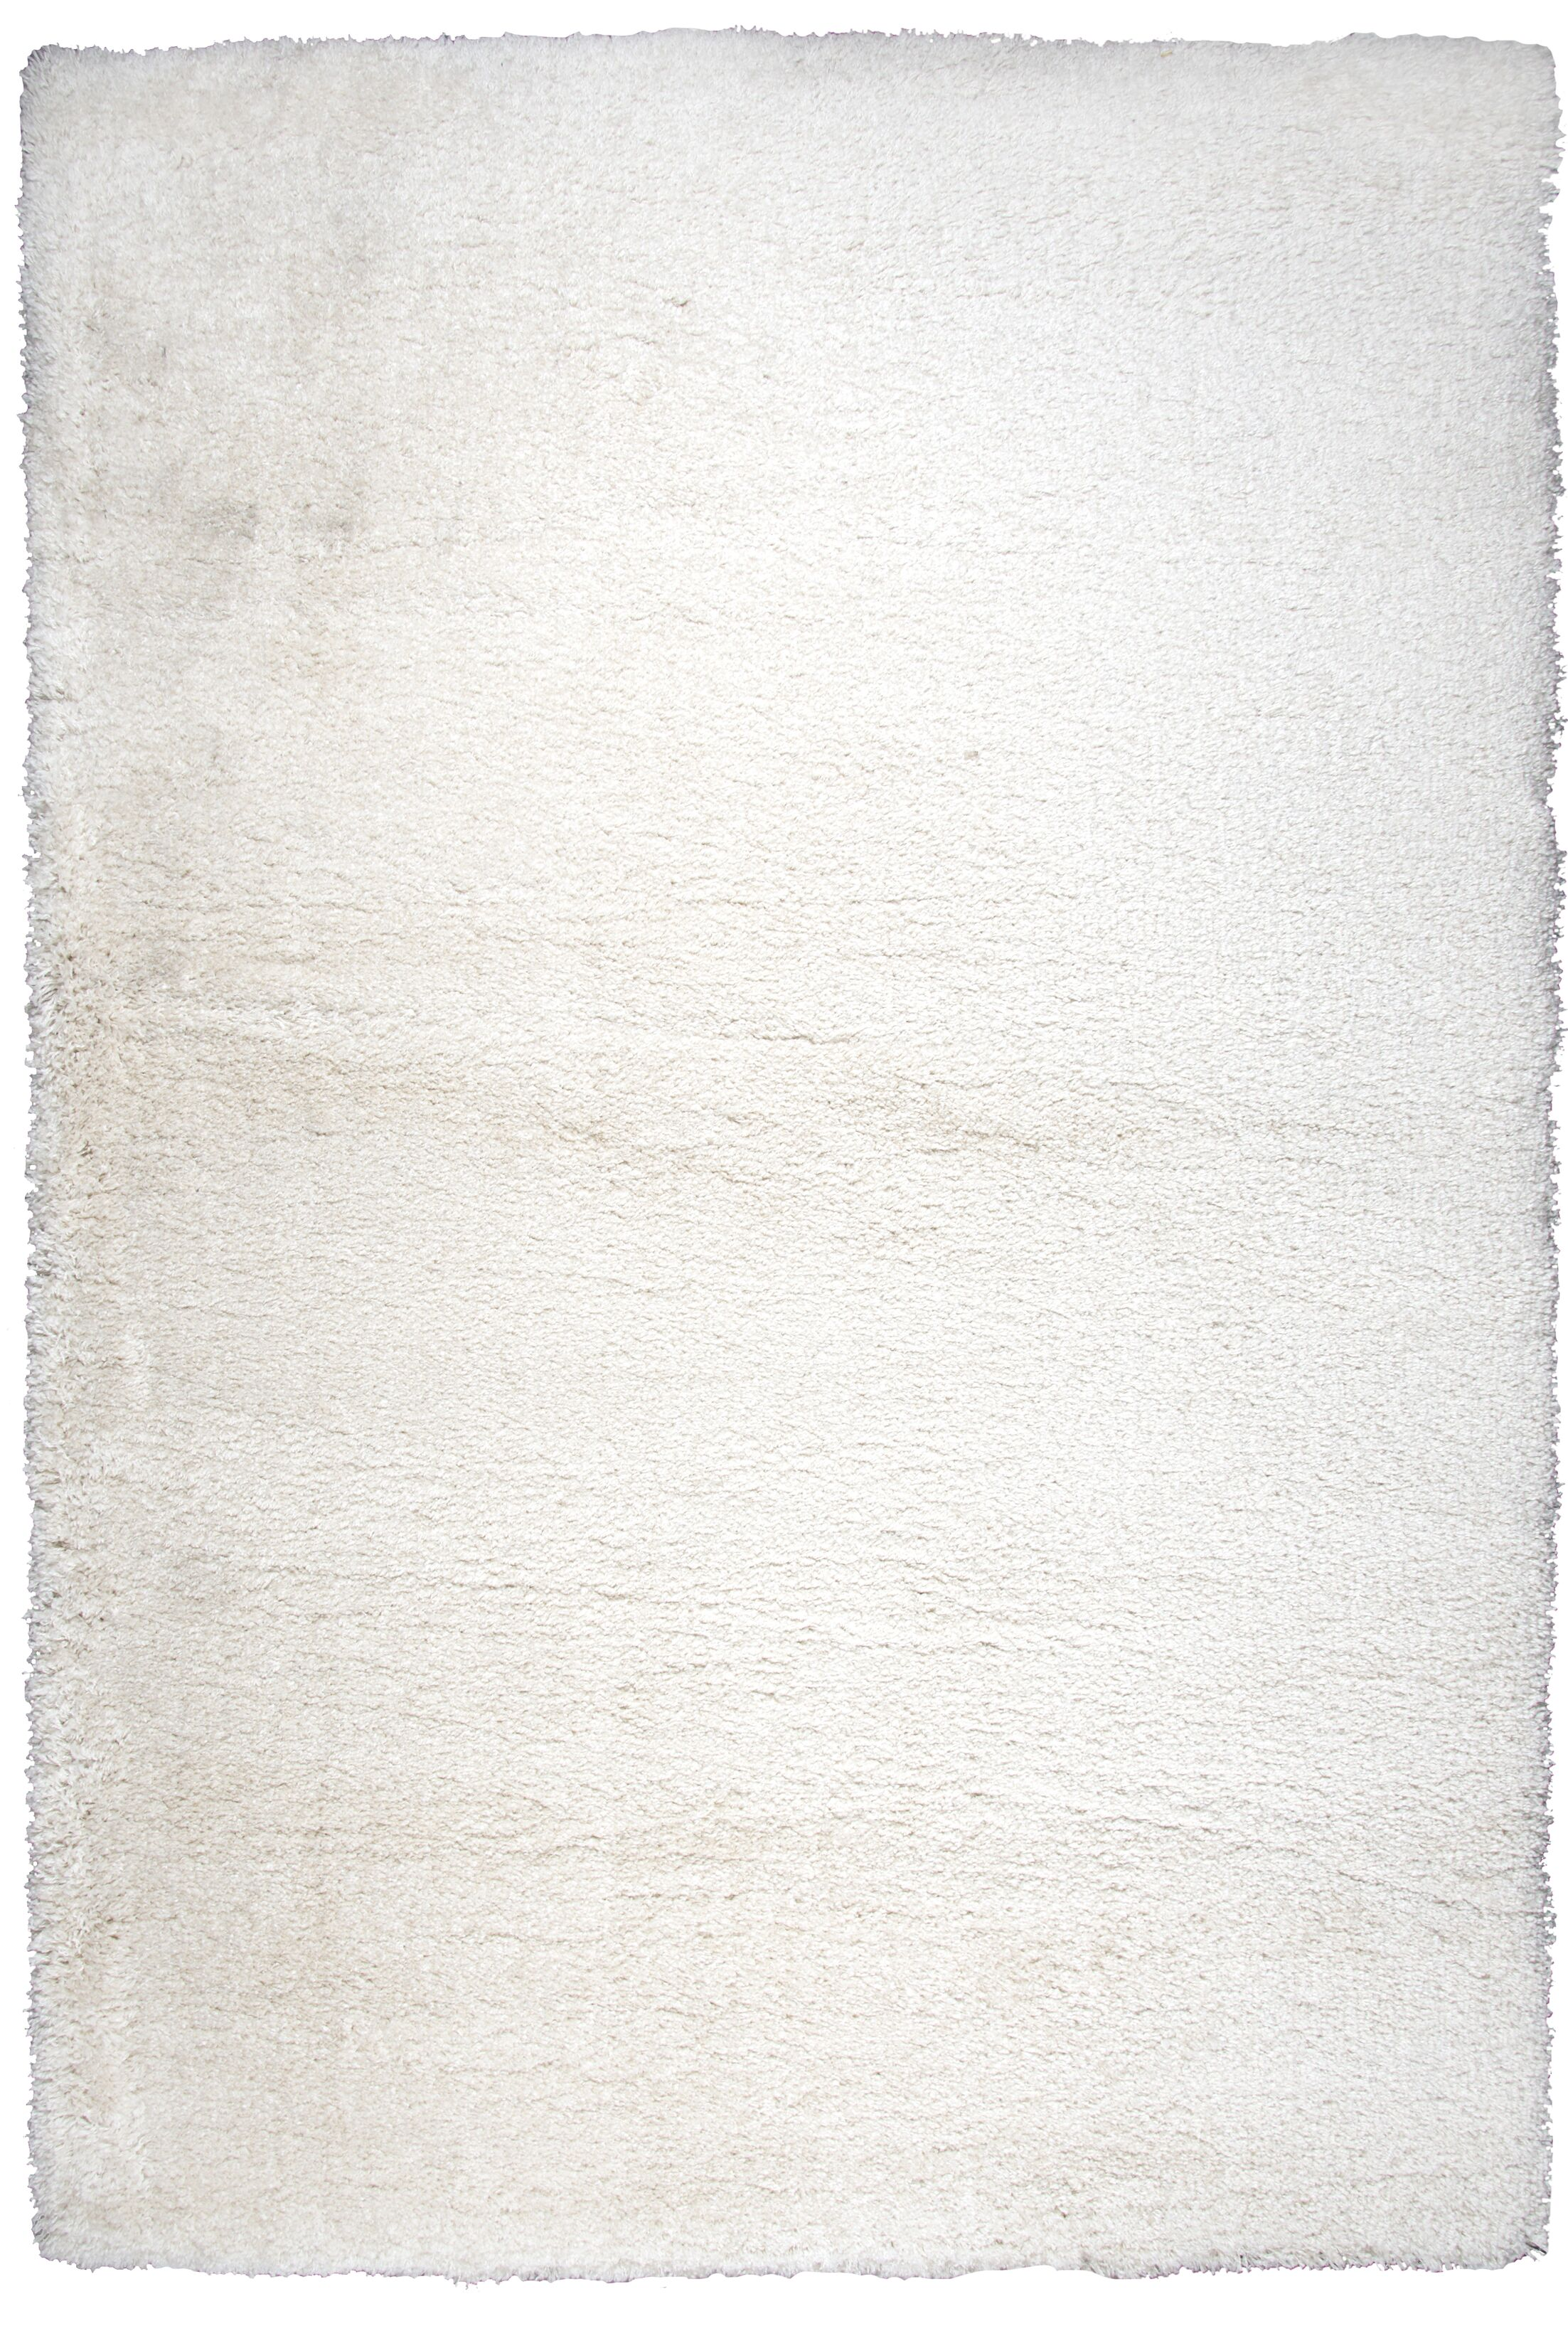 Thalia Cream Shag Area Rug Rug Size: Rectangle 5'3